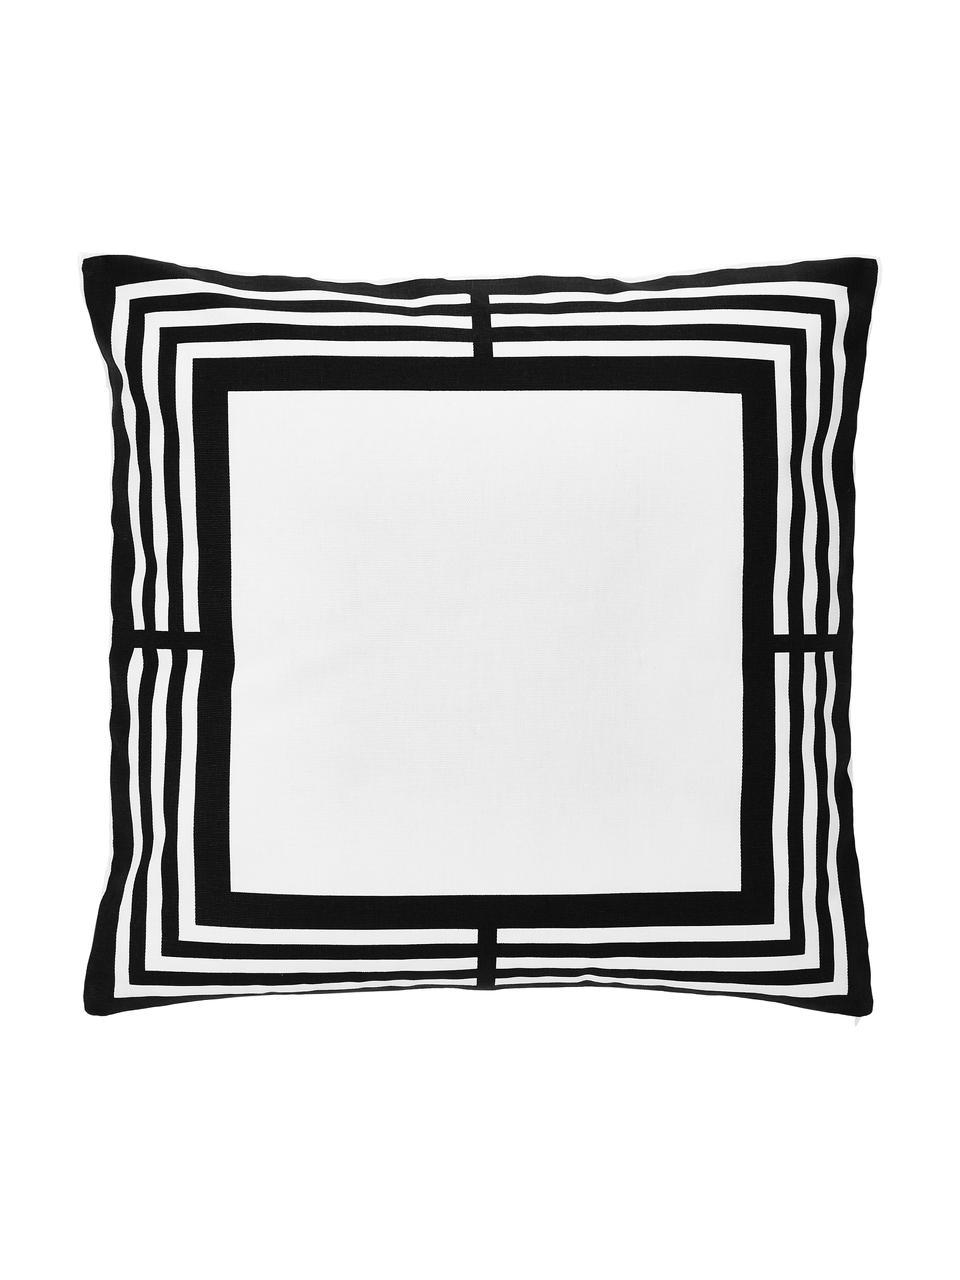 Kissenhülle Zahra in Schwarz/Weiß mit grafischem Muster, 100% Baumwolle, Weiß, Schwarz, 45 x 45 cm